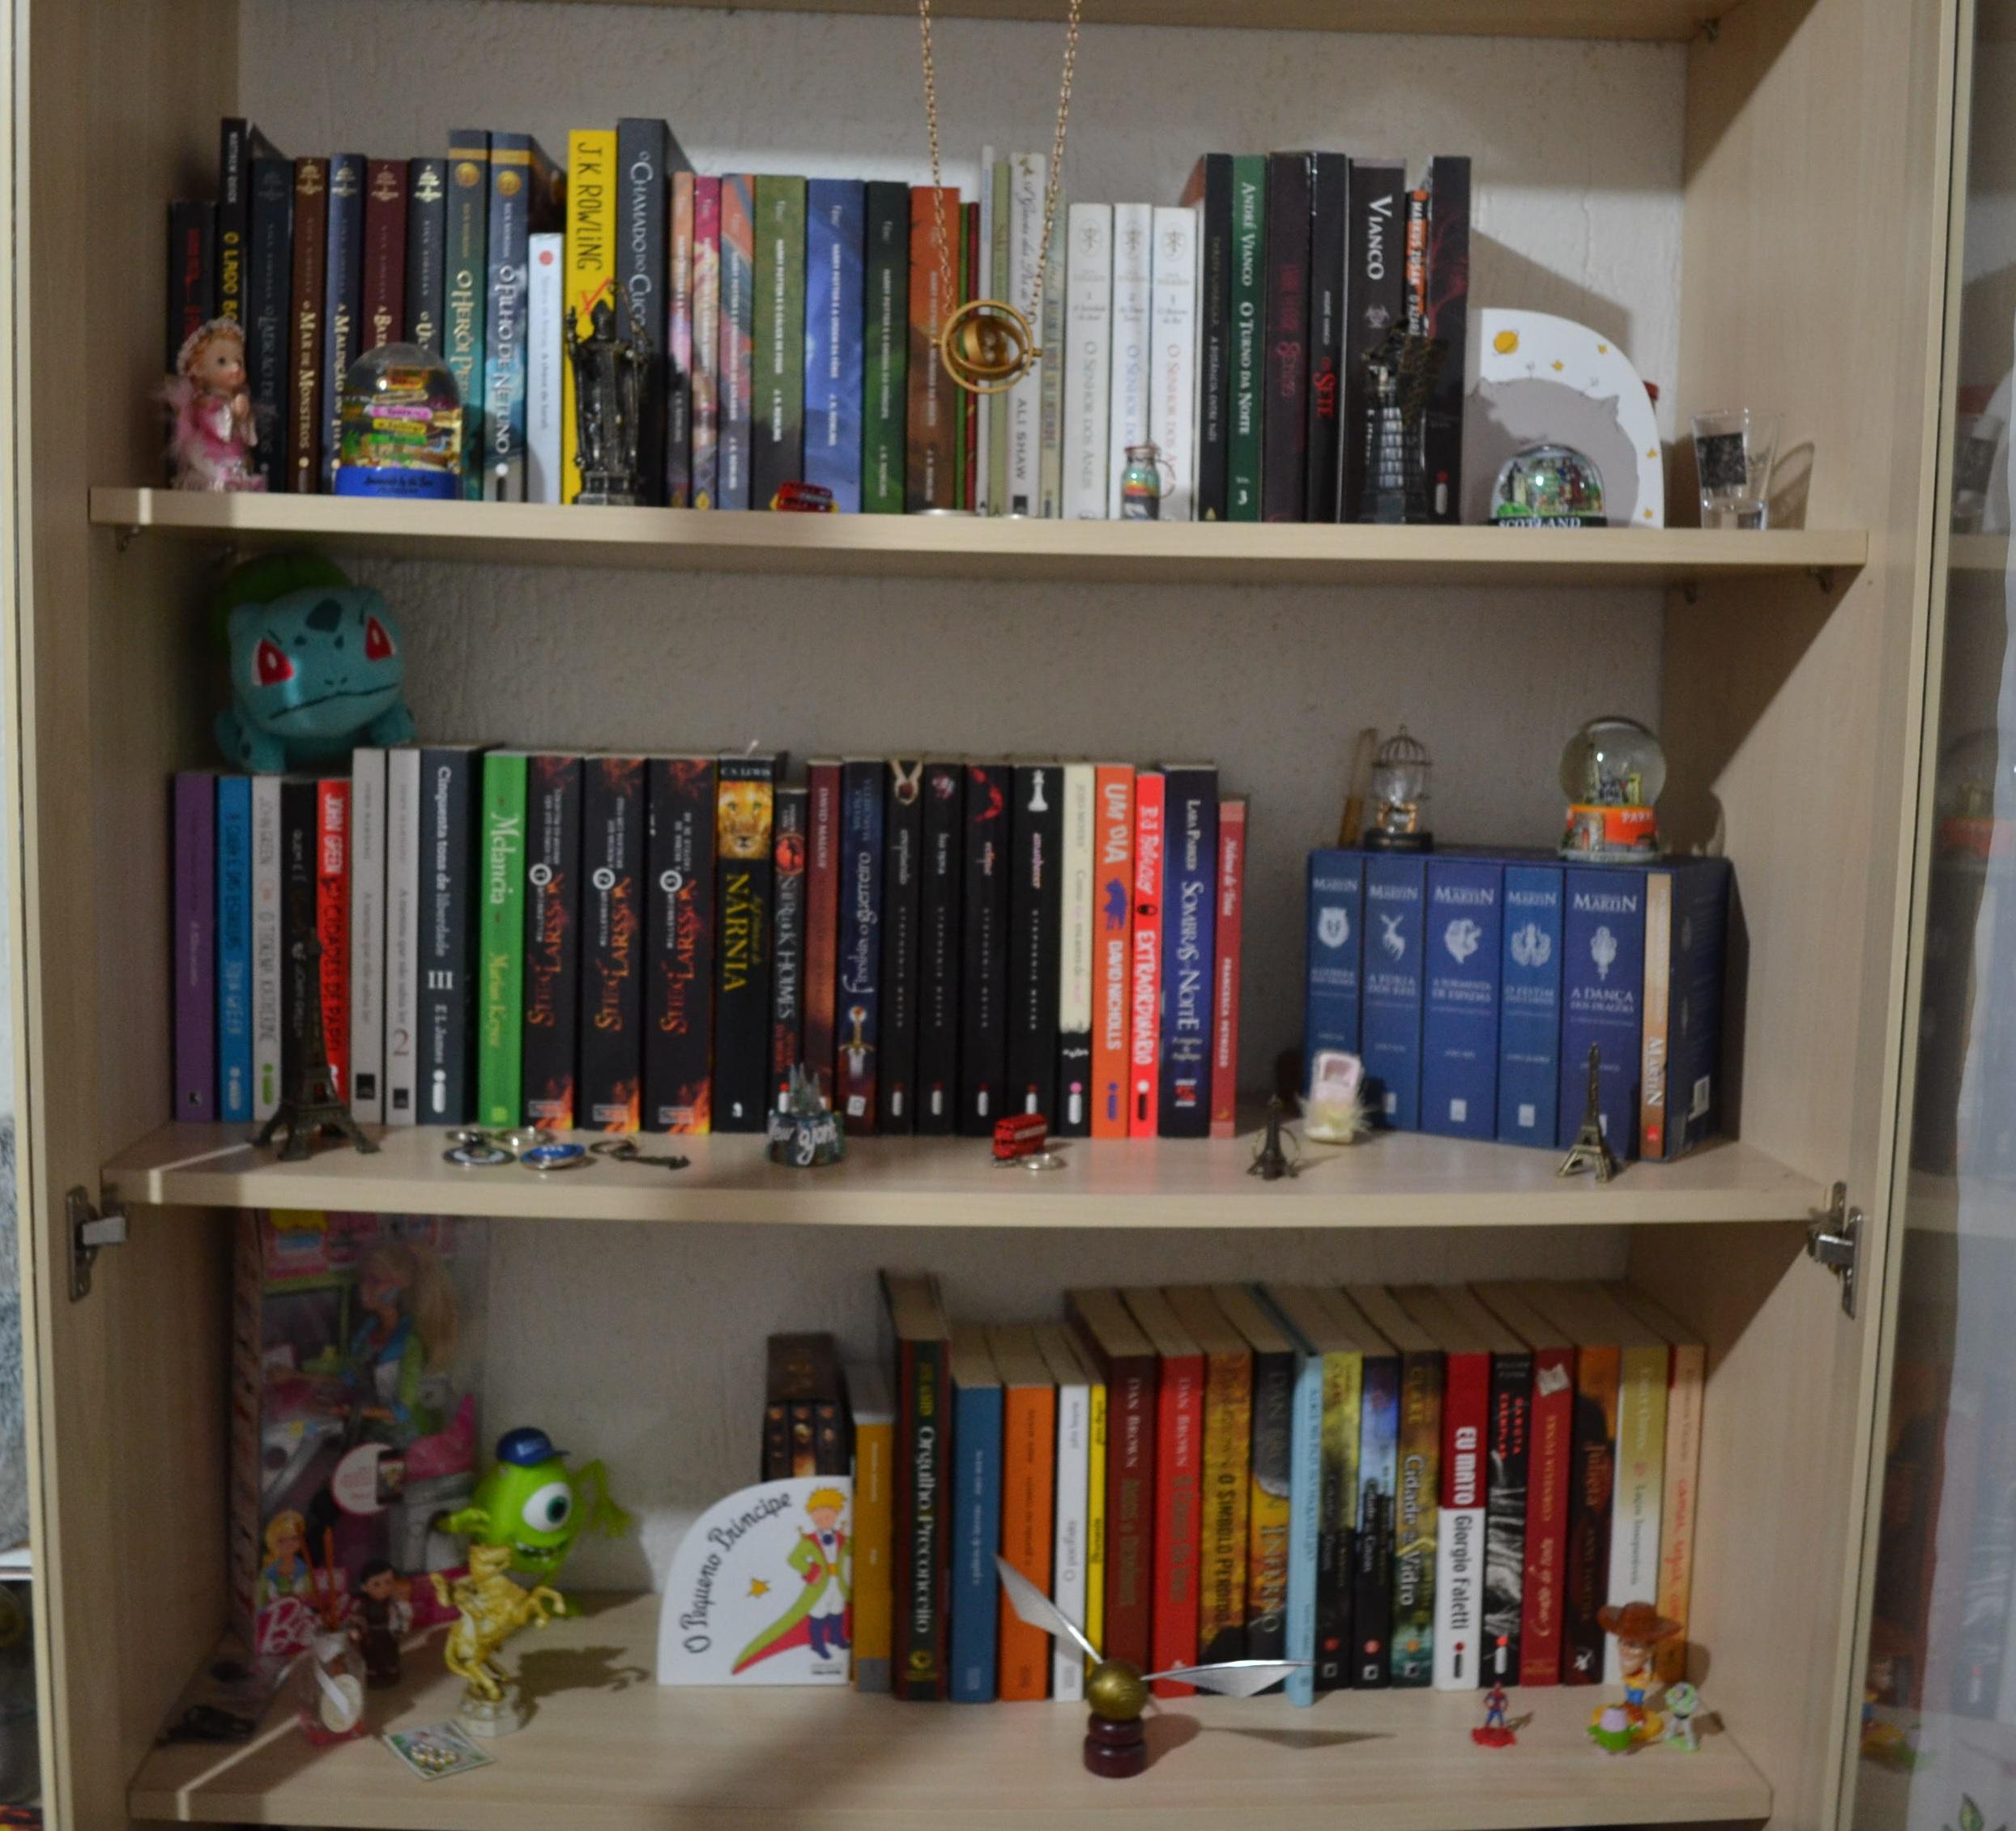 Atualmente eu possuo 95 livros sendo 58 lidos e consequentemente  #2F4068 2489x2261